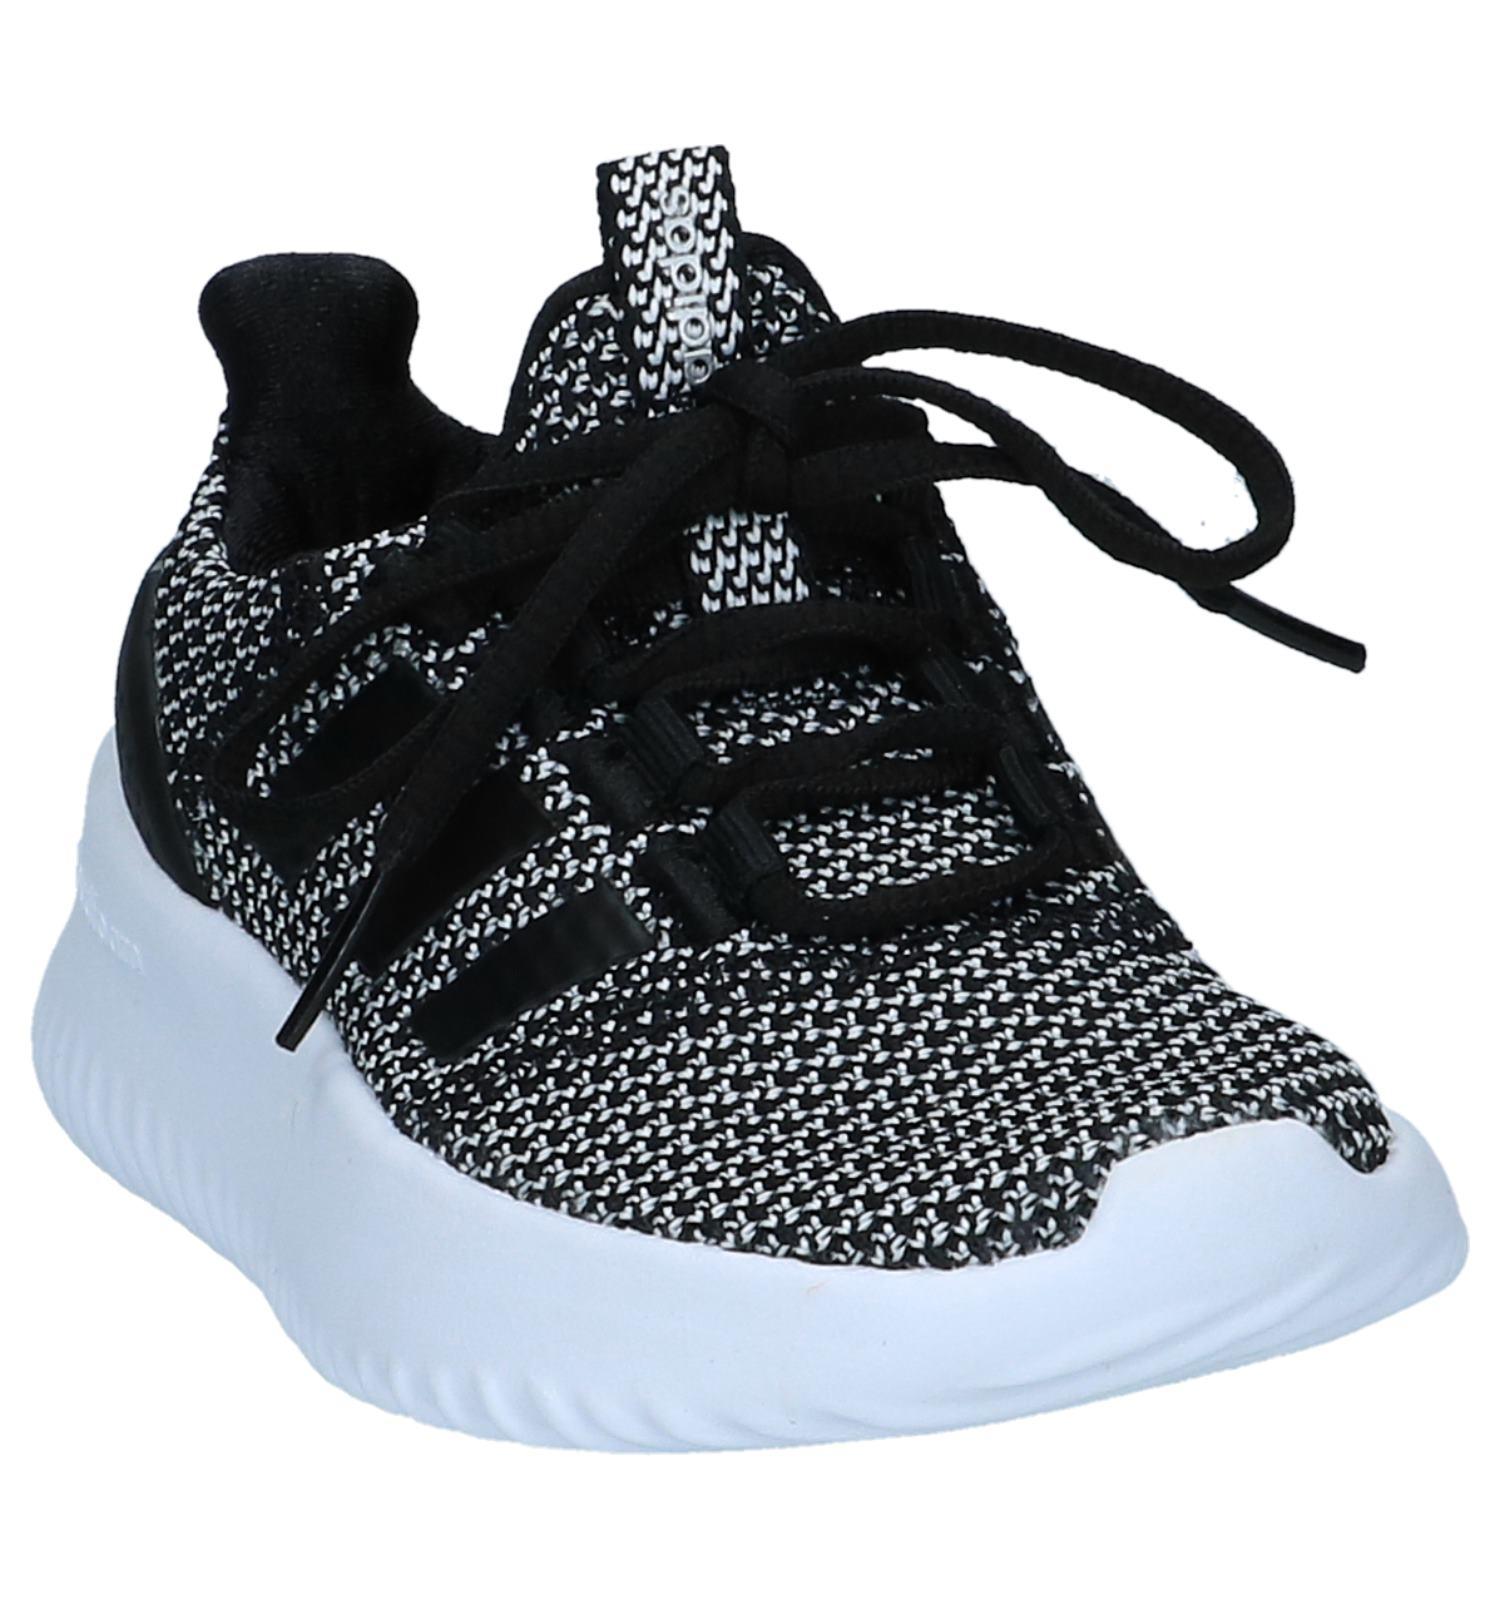 29b67566049 Zwarte Runner Sneaker Cloudfoam Ultimate adidas | SCHOENENTORFS.NL | Gratis  verzend en retour